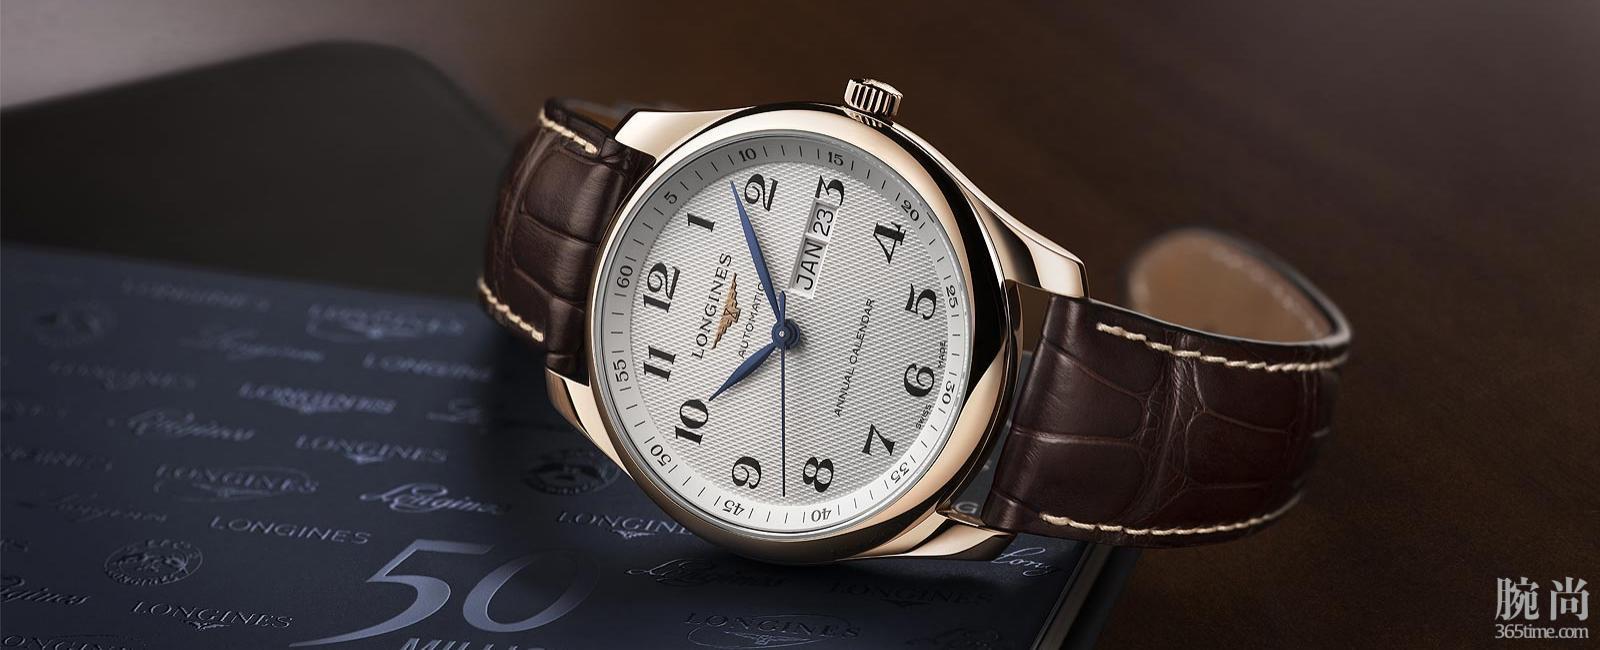 news-longines-celebrates-its-50-000-000th-timepiece-1600x650.jpg